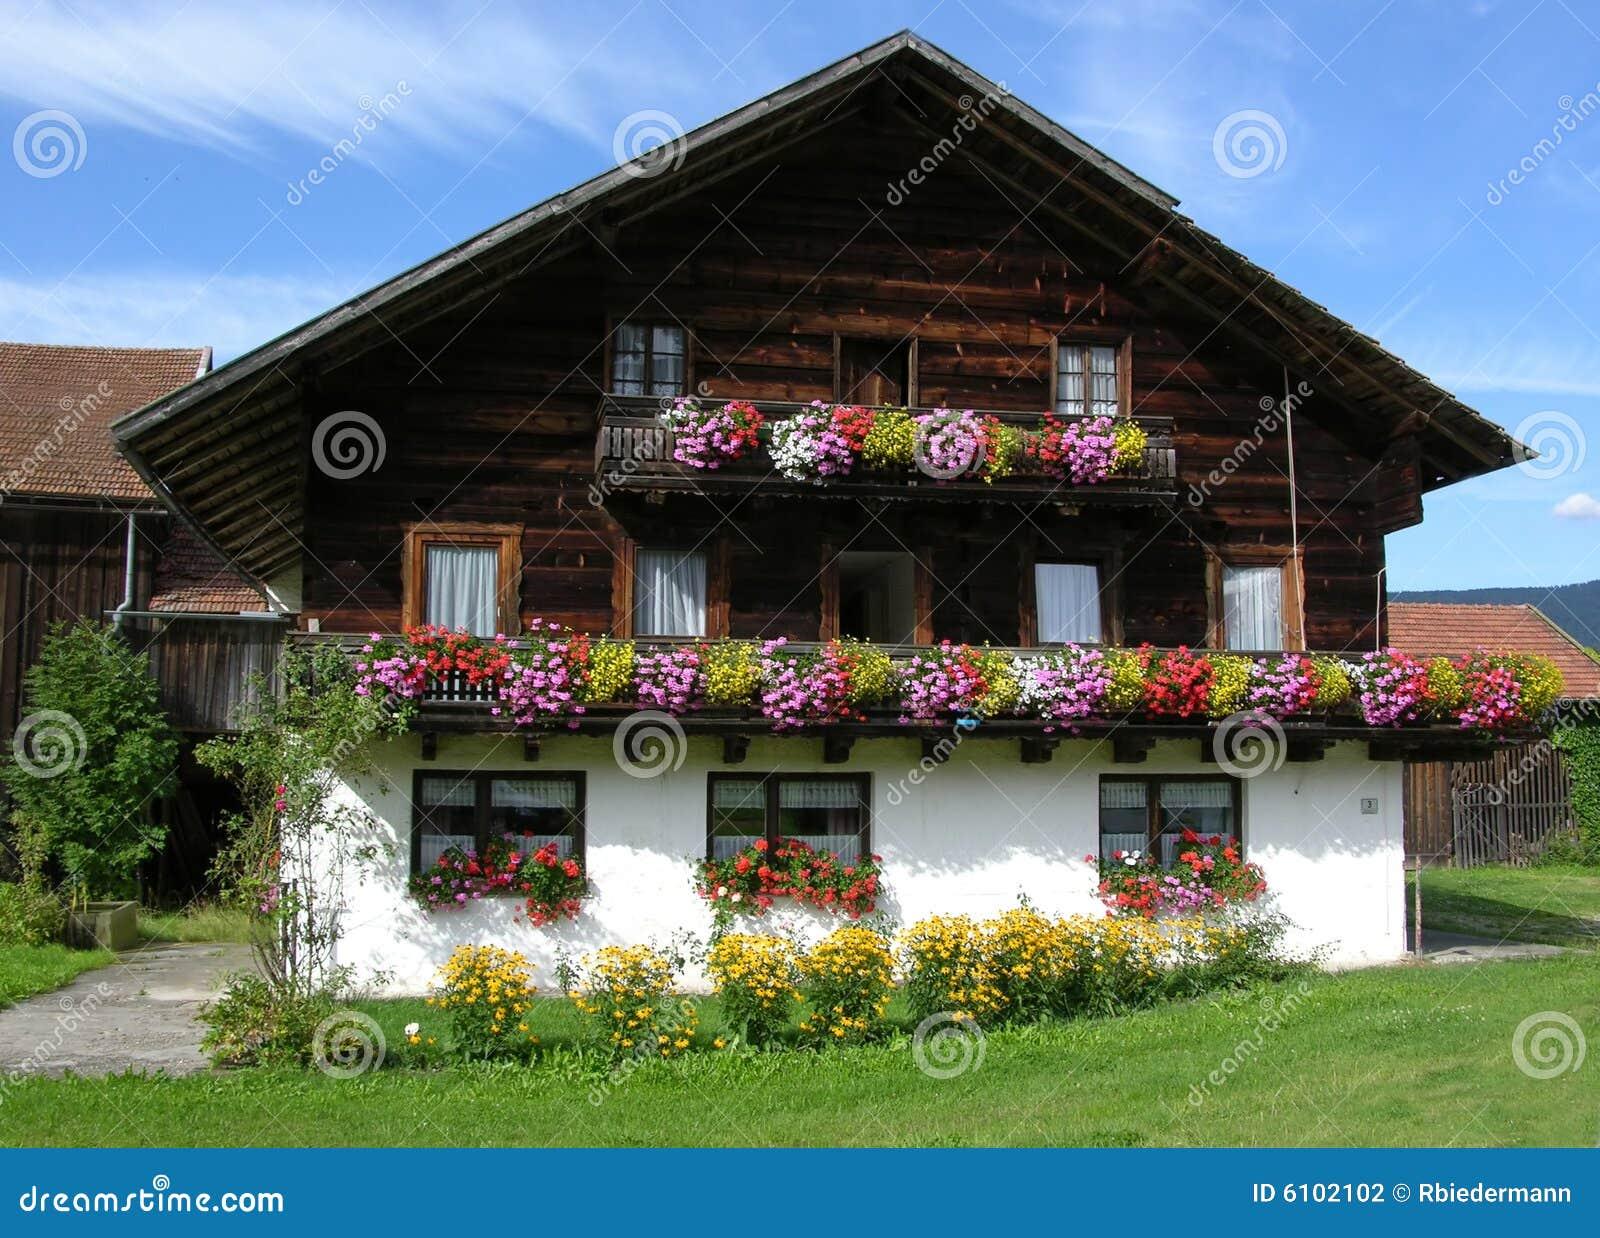 traditionelles bauernhaus im bayern stockfotografie bild 6102102. Black Bedroom Furniture Sets. Home Design Ideas